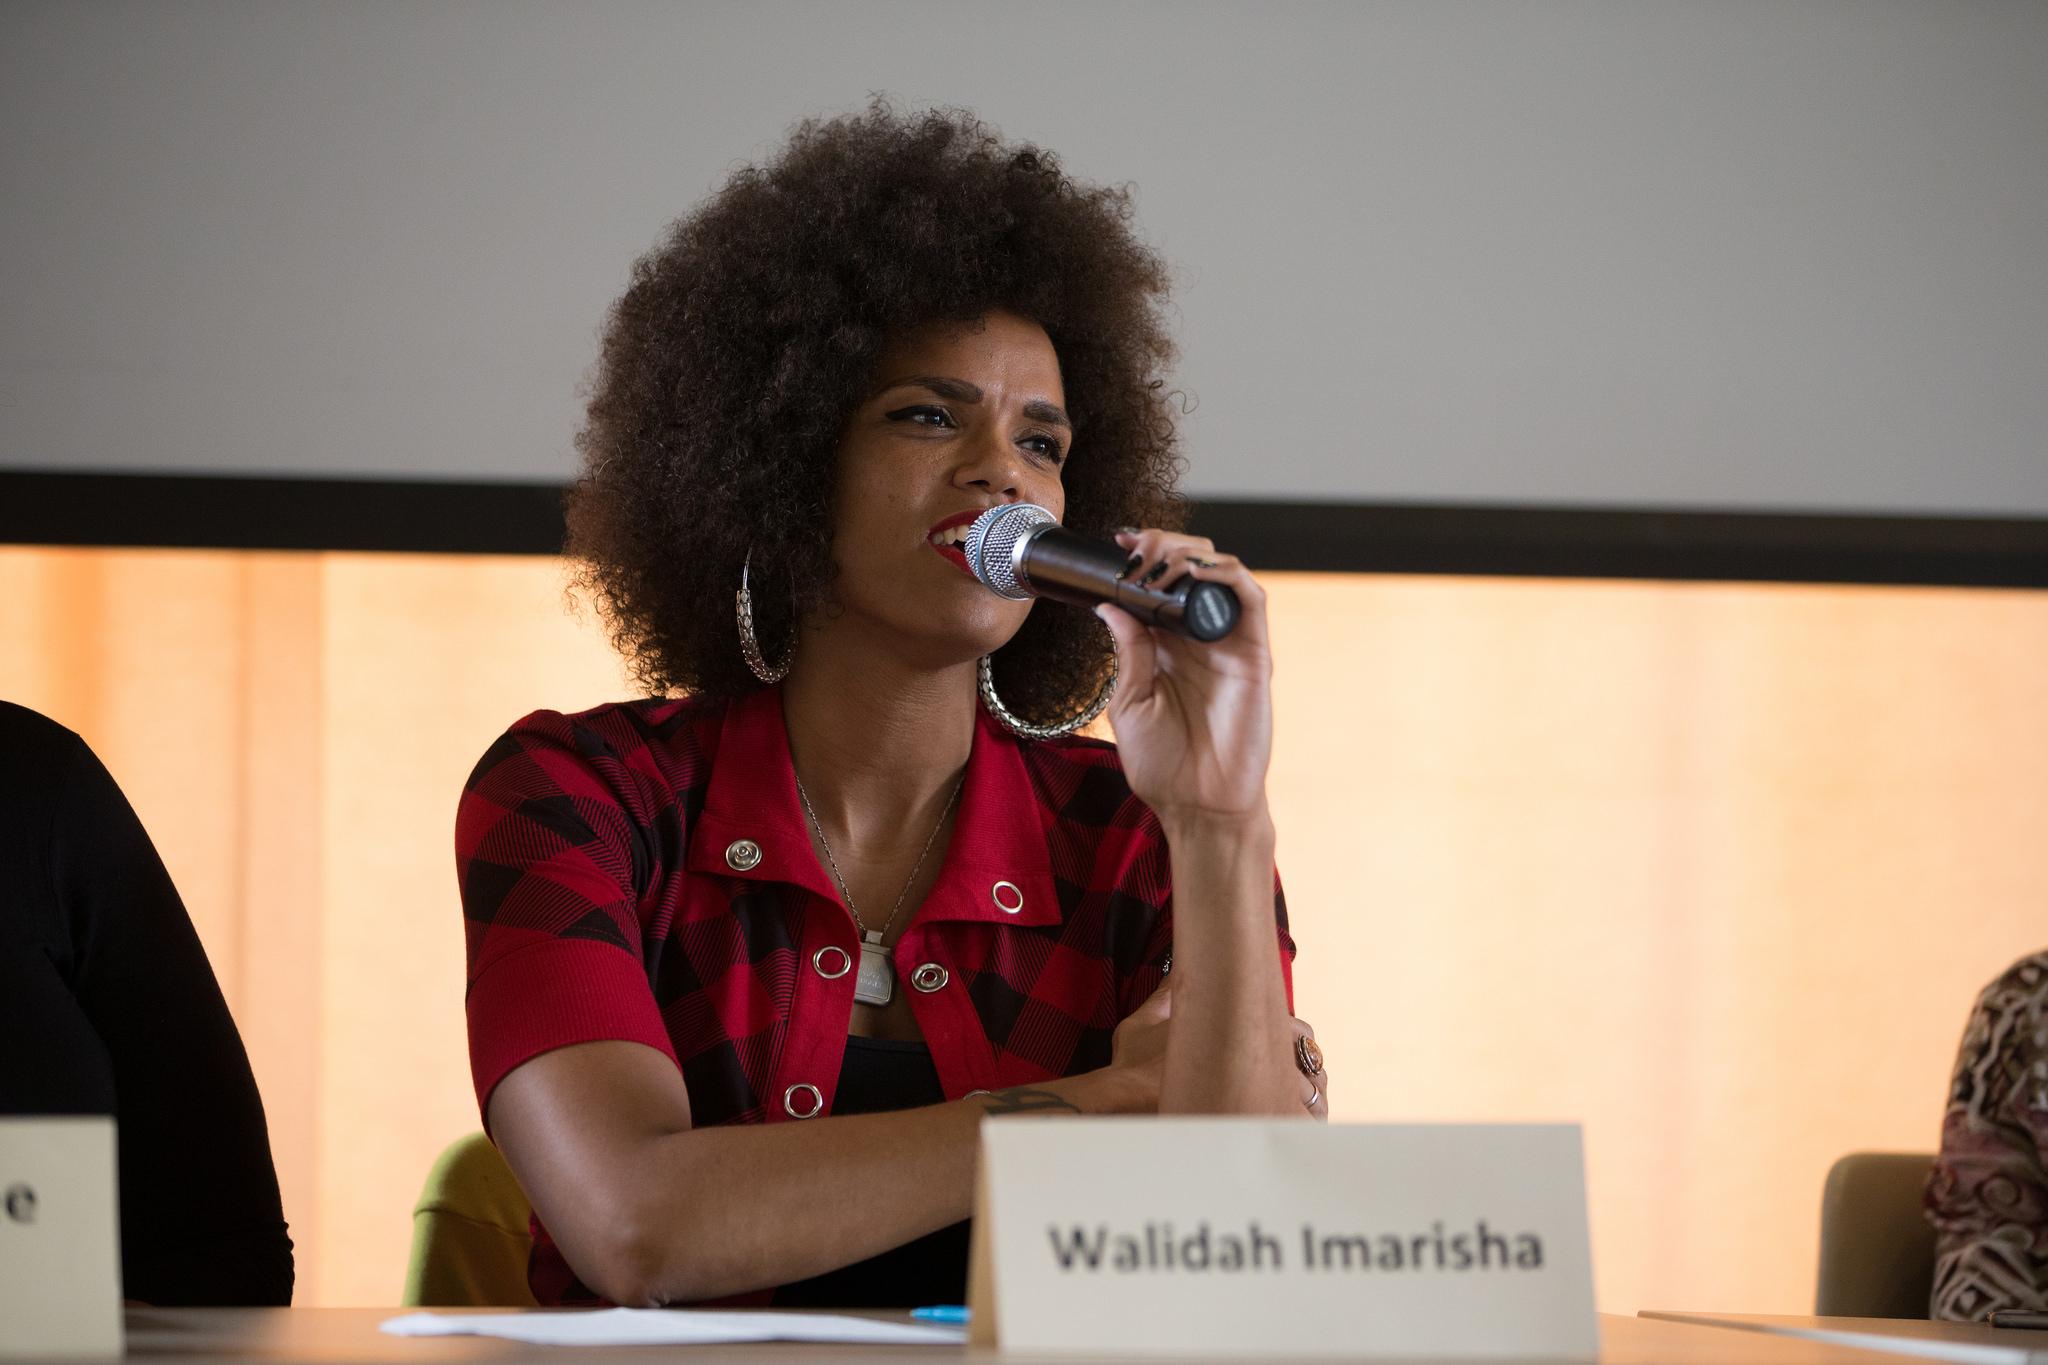 Walidah Imarisha